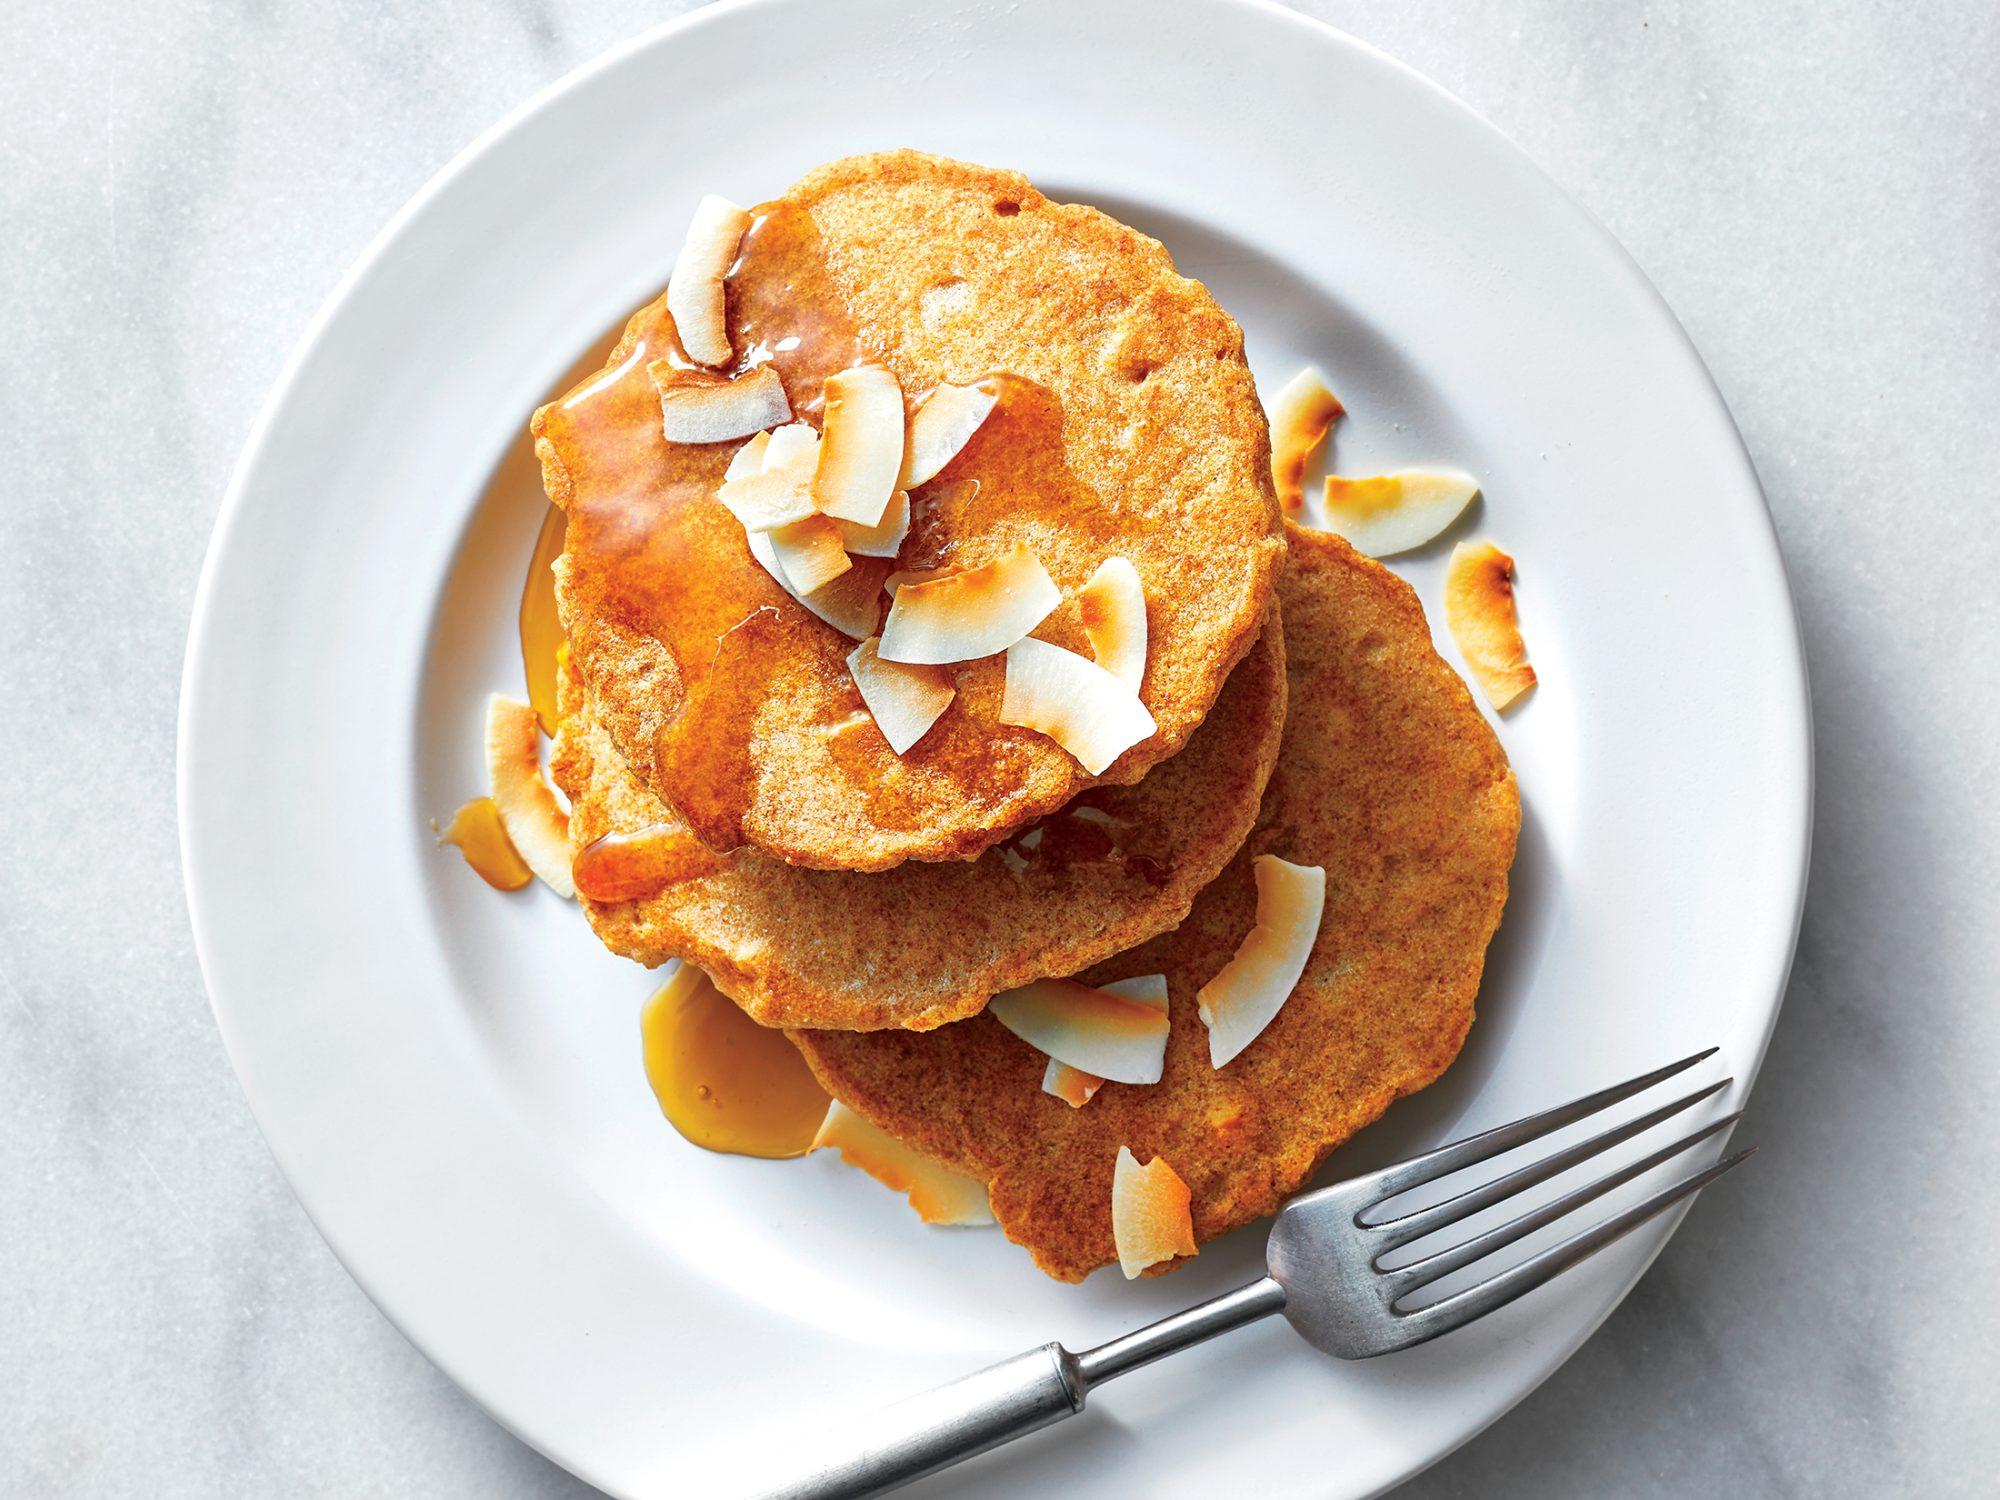 Coconut-Cashew Pancakes